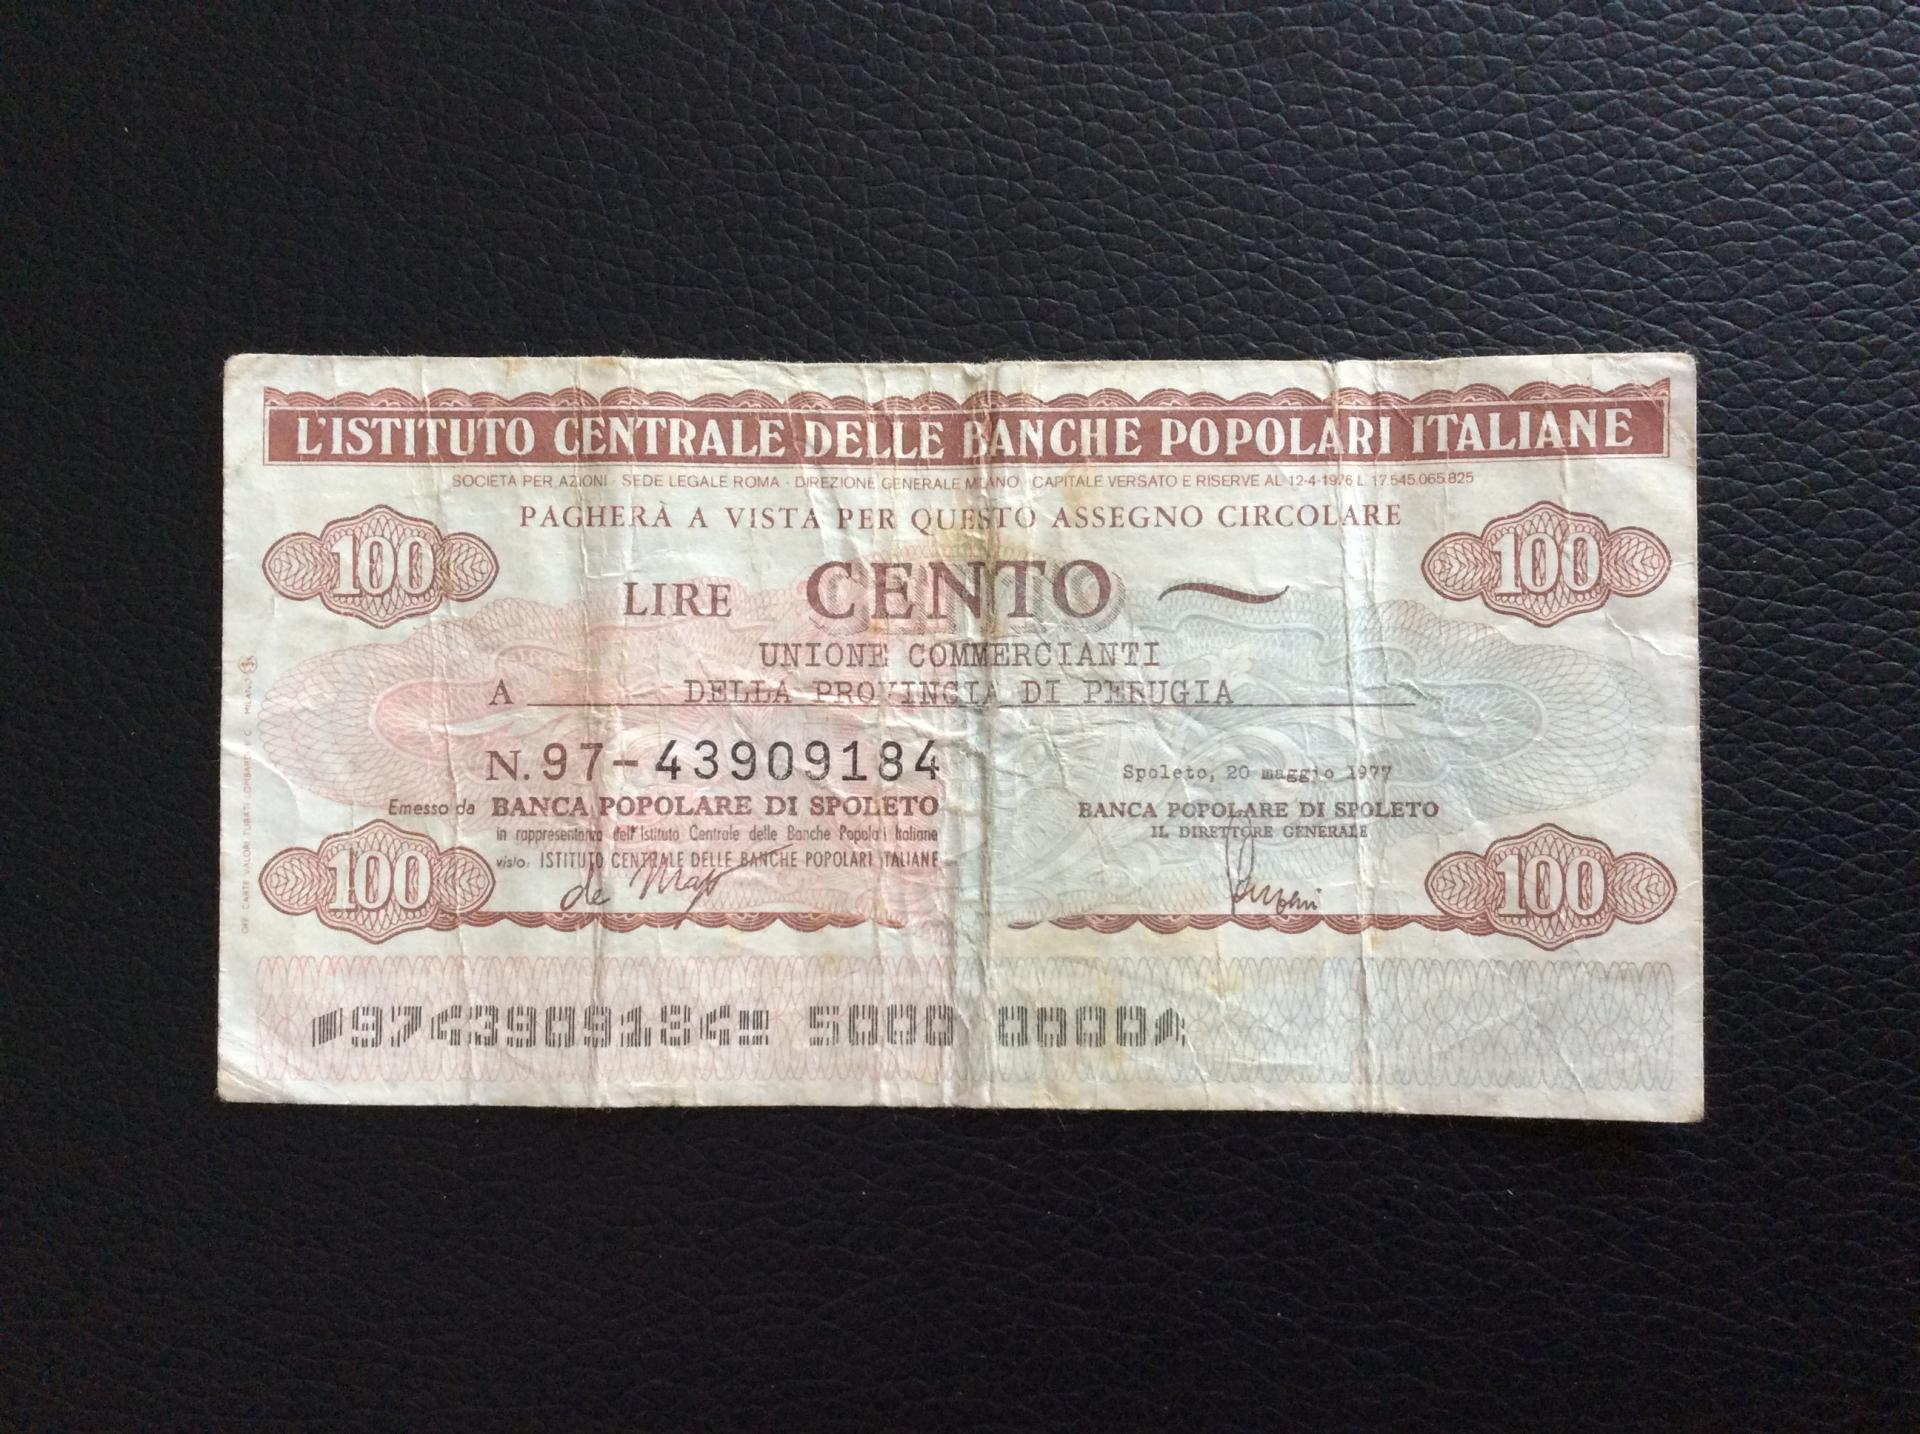 100 LIRAS 1977 - BANCHE POPOLARI ITALIANE